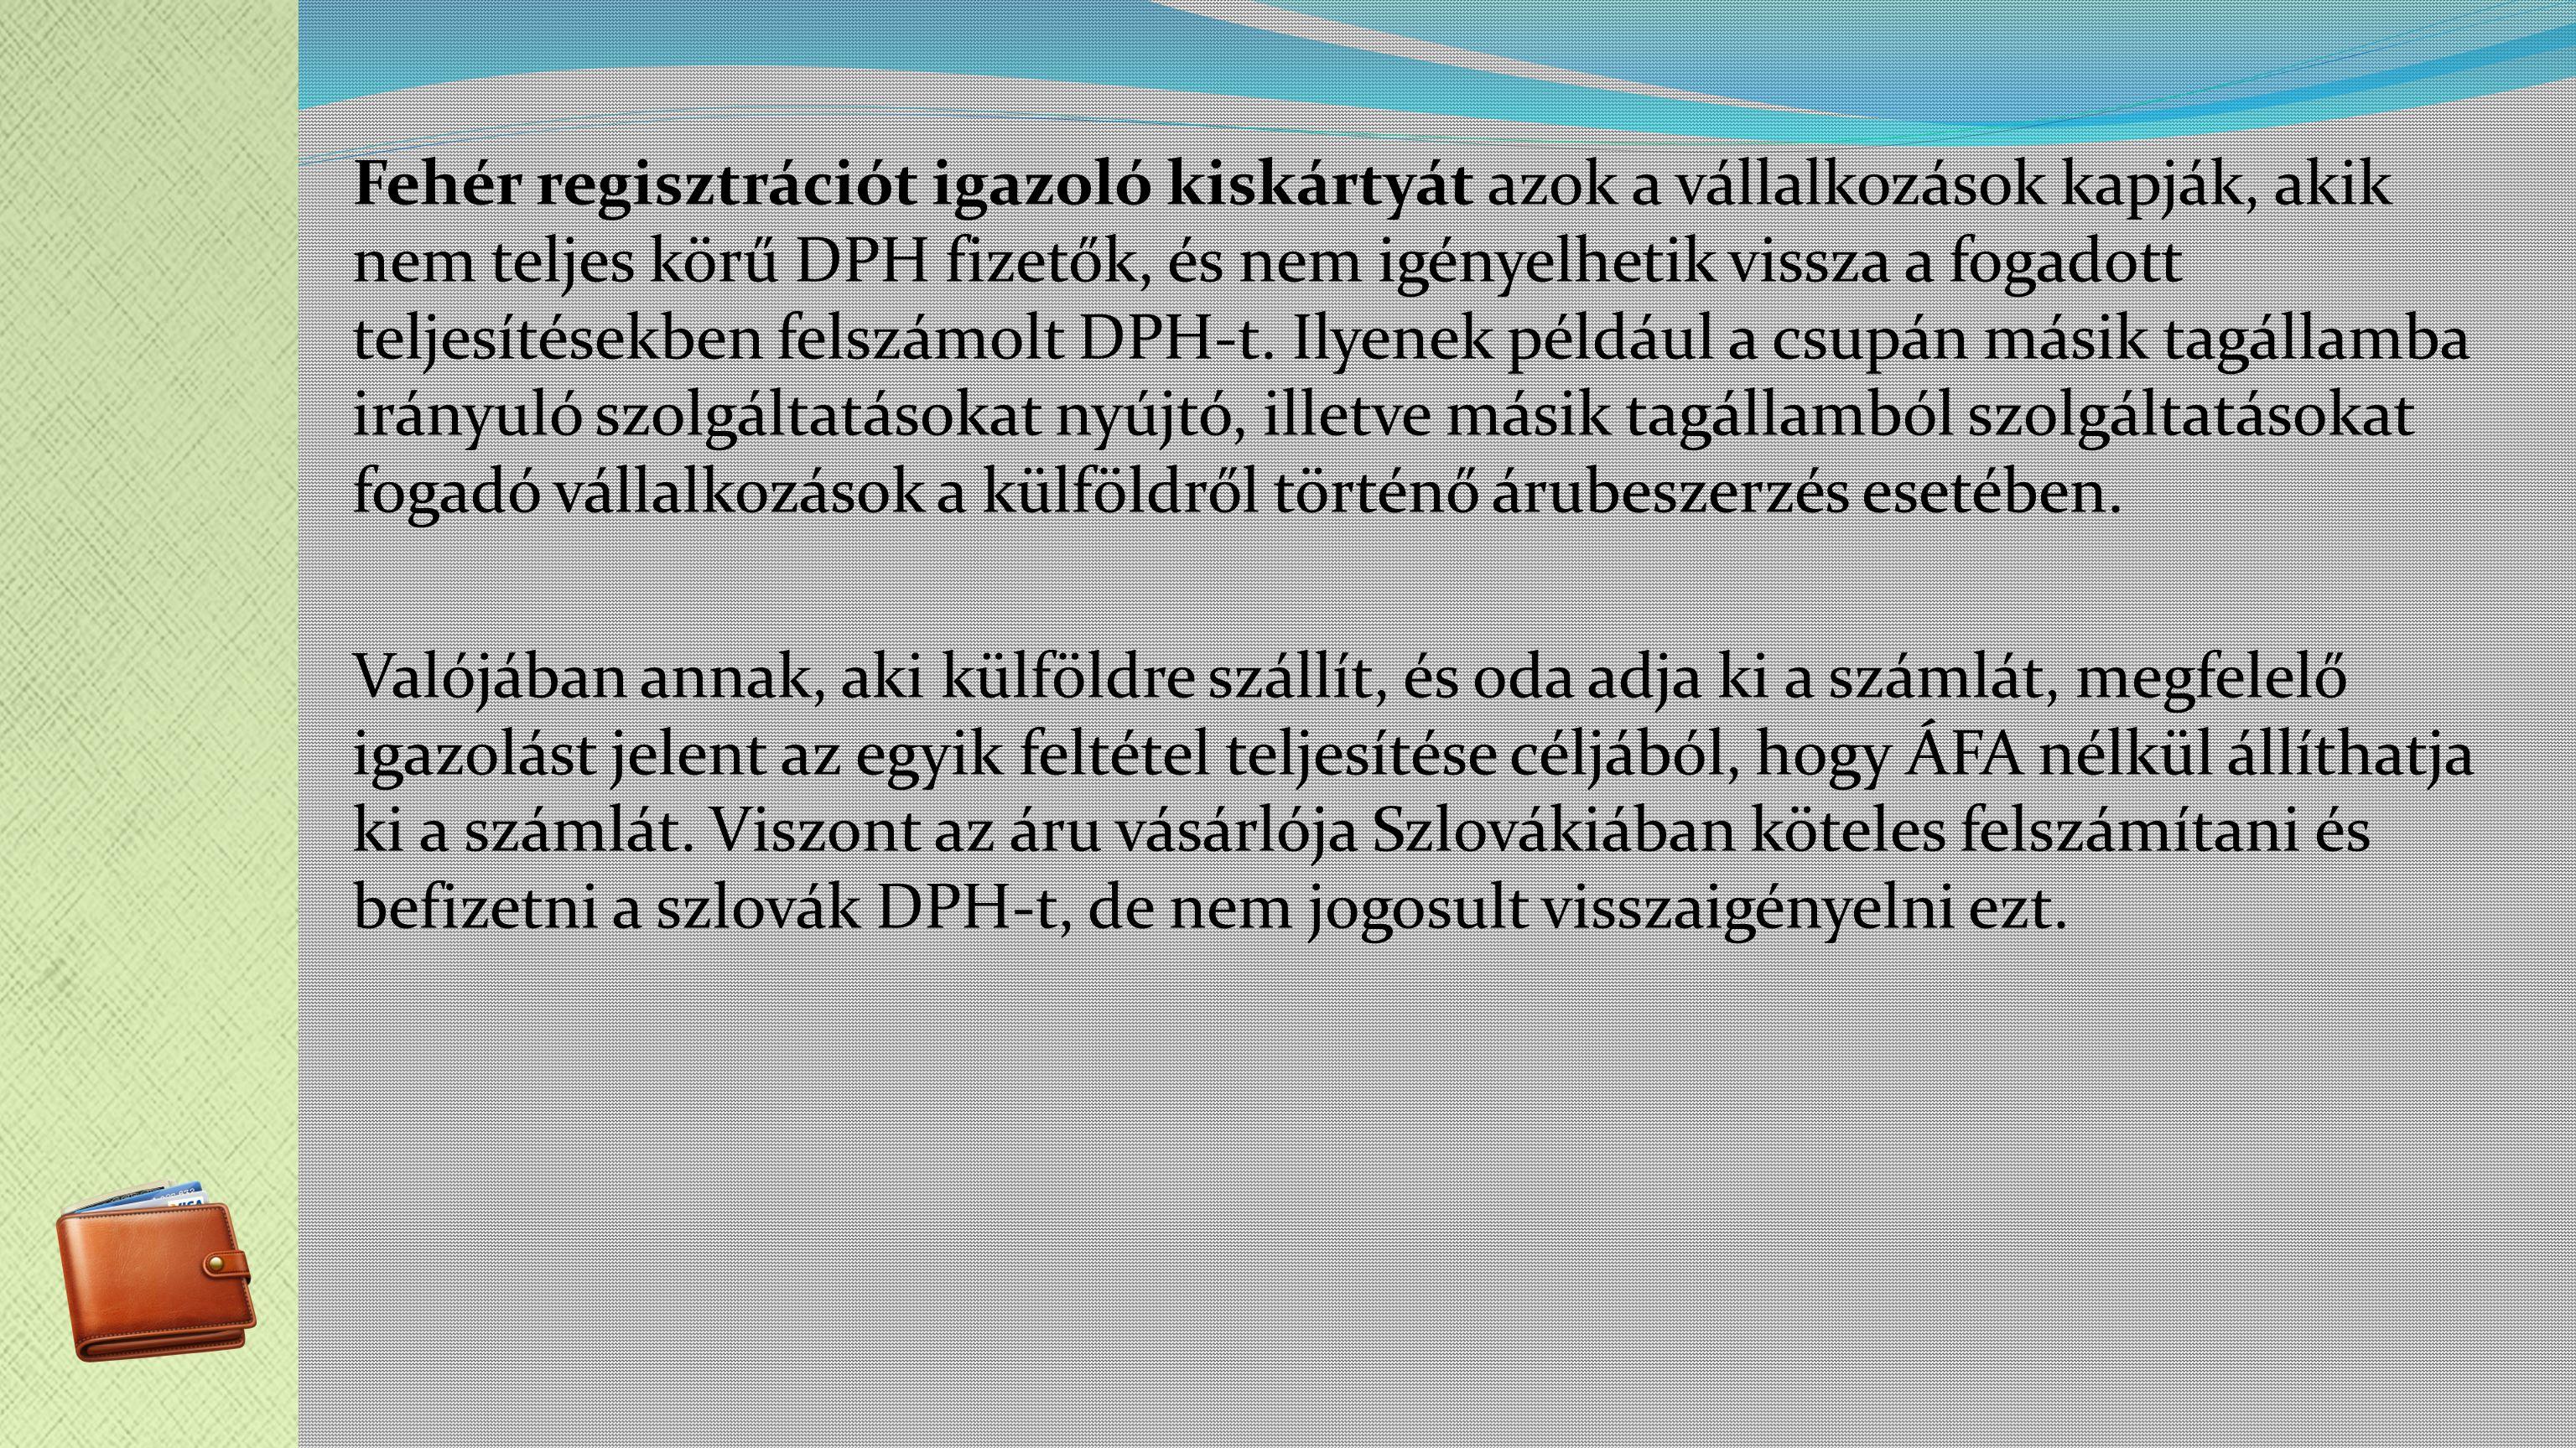 Fehér regisztrációt igazoló kiskártyát azok a vállalkozások kapják, akik nem teljes körű DPH fizetők, és nem igényelhetik vissza a fogadott teljesítésekben felszámolt DPH-t.